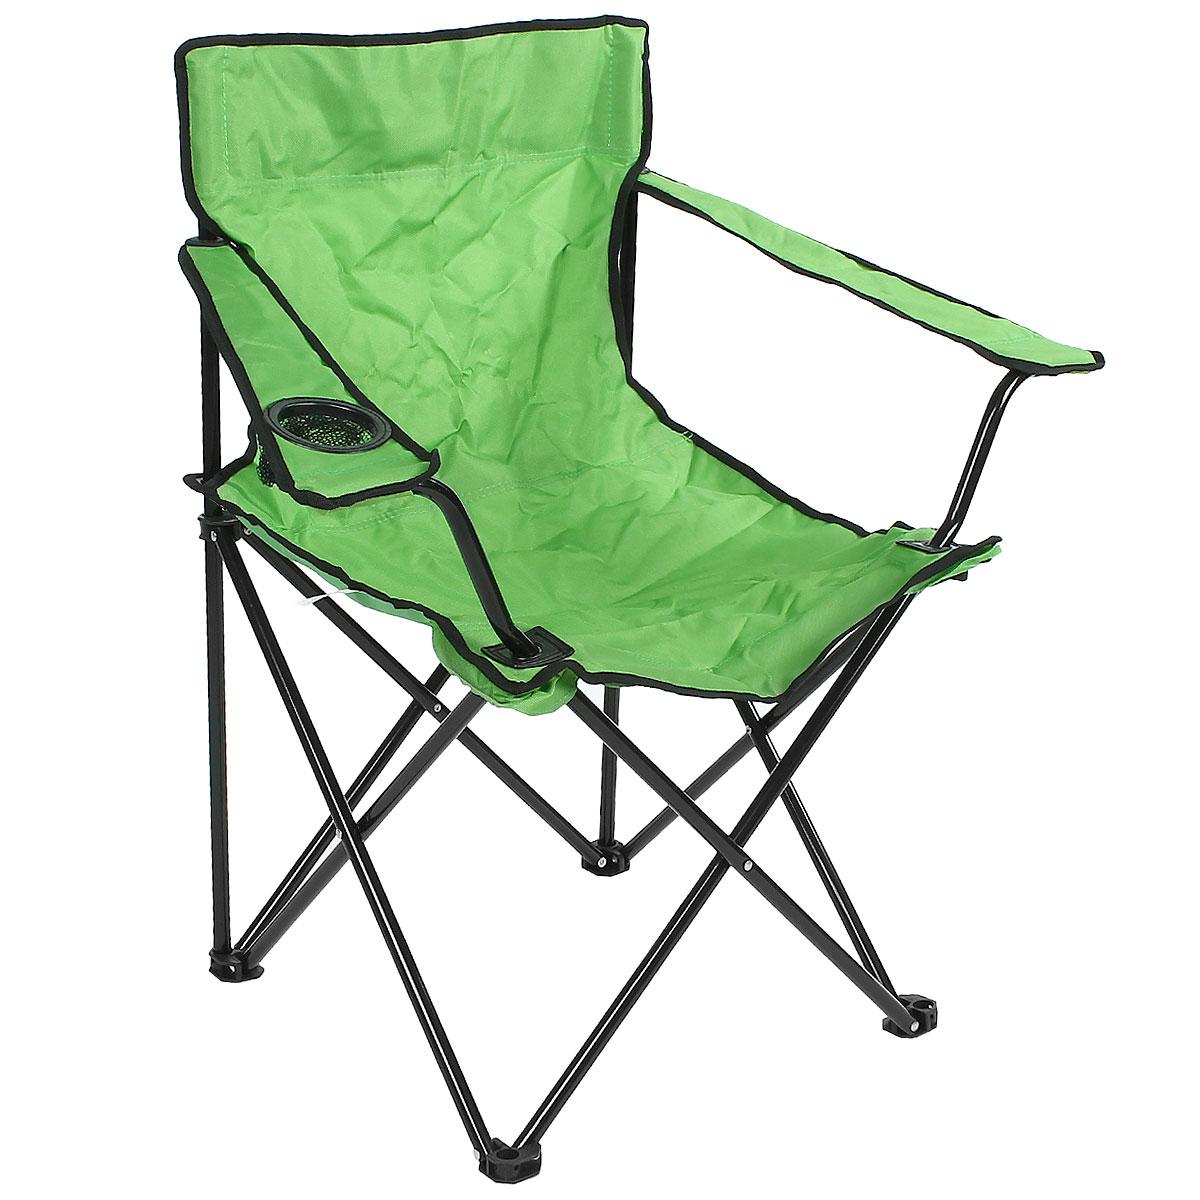 Кресло складное Happy Camper, цвет: зеленыйNF-20208Кресло складное Happy Camper - это незаменимый предмет походной мебели, очень удобен в эксплуатации. Каркас кресла изготовлен из прочного и долговечного алюминиевого сплава, устойчивого к погодным условиям.Кресло легко собирается и разбирается и не занимает много места, поэтому подходит для транспортировки и хранения дома. Складное кресло прекрасно подойдет для комфортного отдыха на даче или в походе.Материал: 600D ПВХ, каркас - сталь, диаметром 16 мм.Размеры кресла в сложенном состоянии: 85 см х 52 см х 41 см.Максимальная нагрузка: 100 кг.